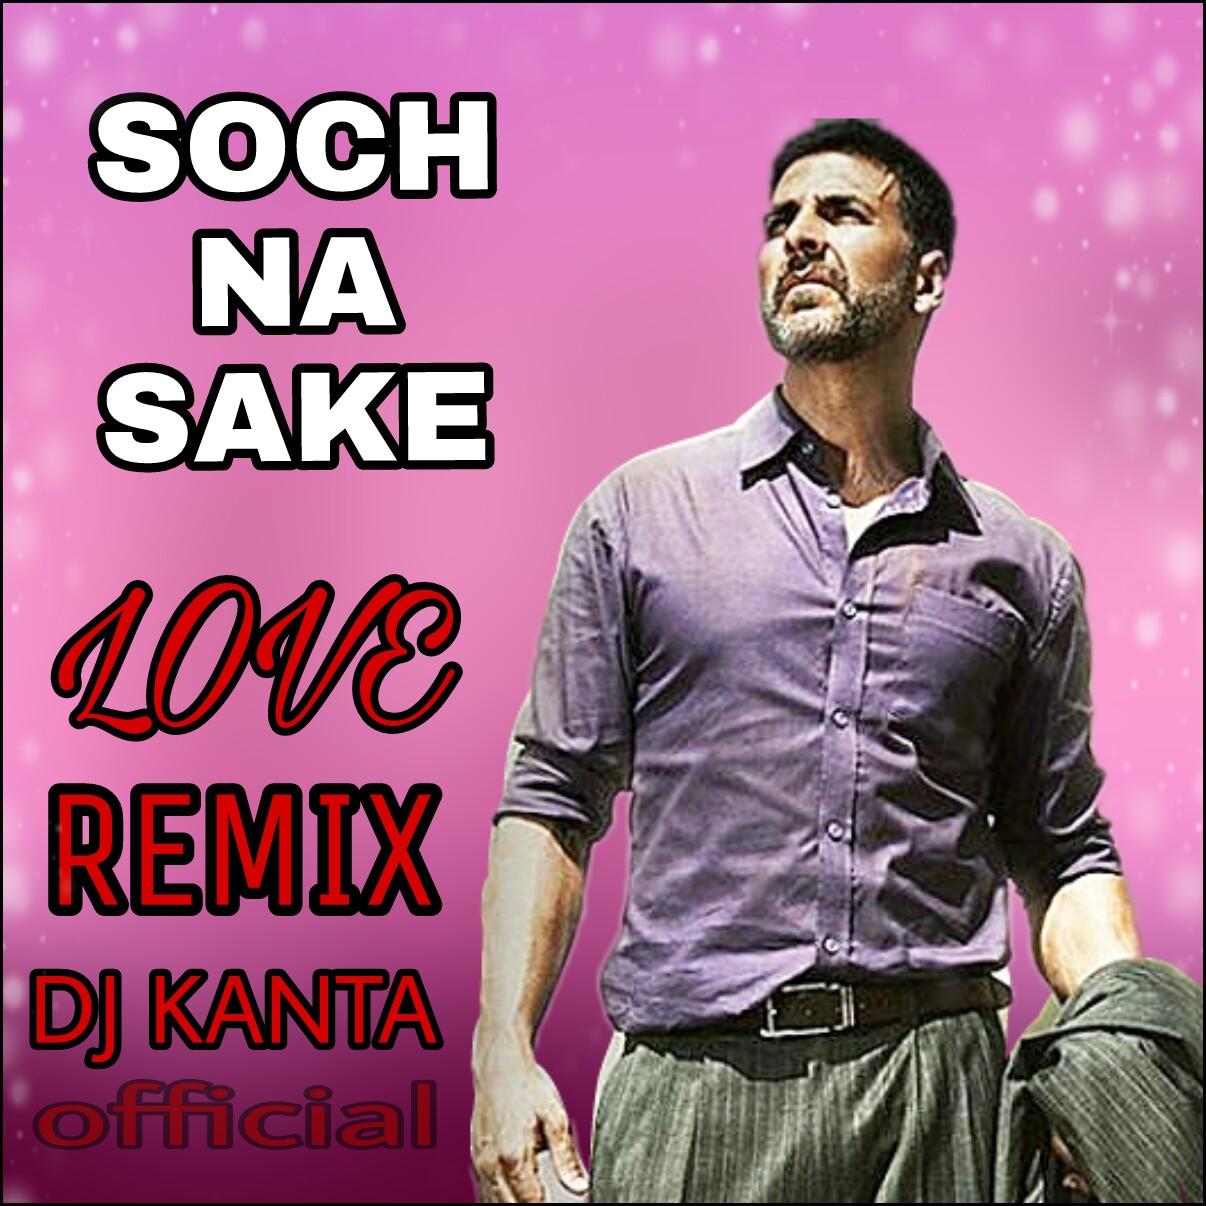 Ek Samay Mai To Tera Dj Song Download: Soch Na Sake Remix Dj Kanta Official